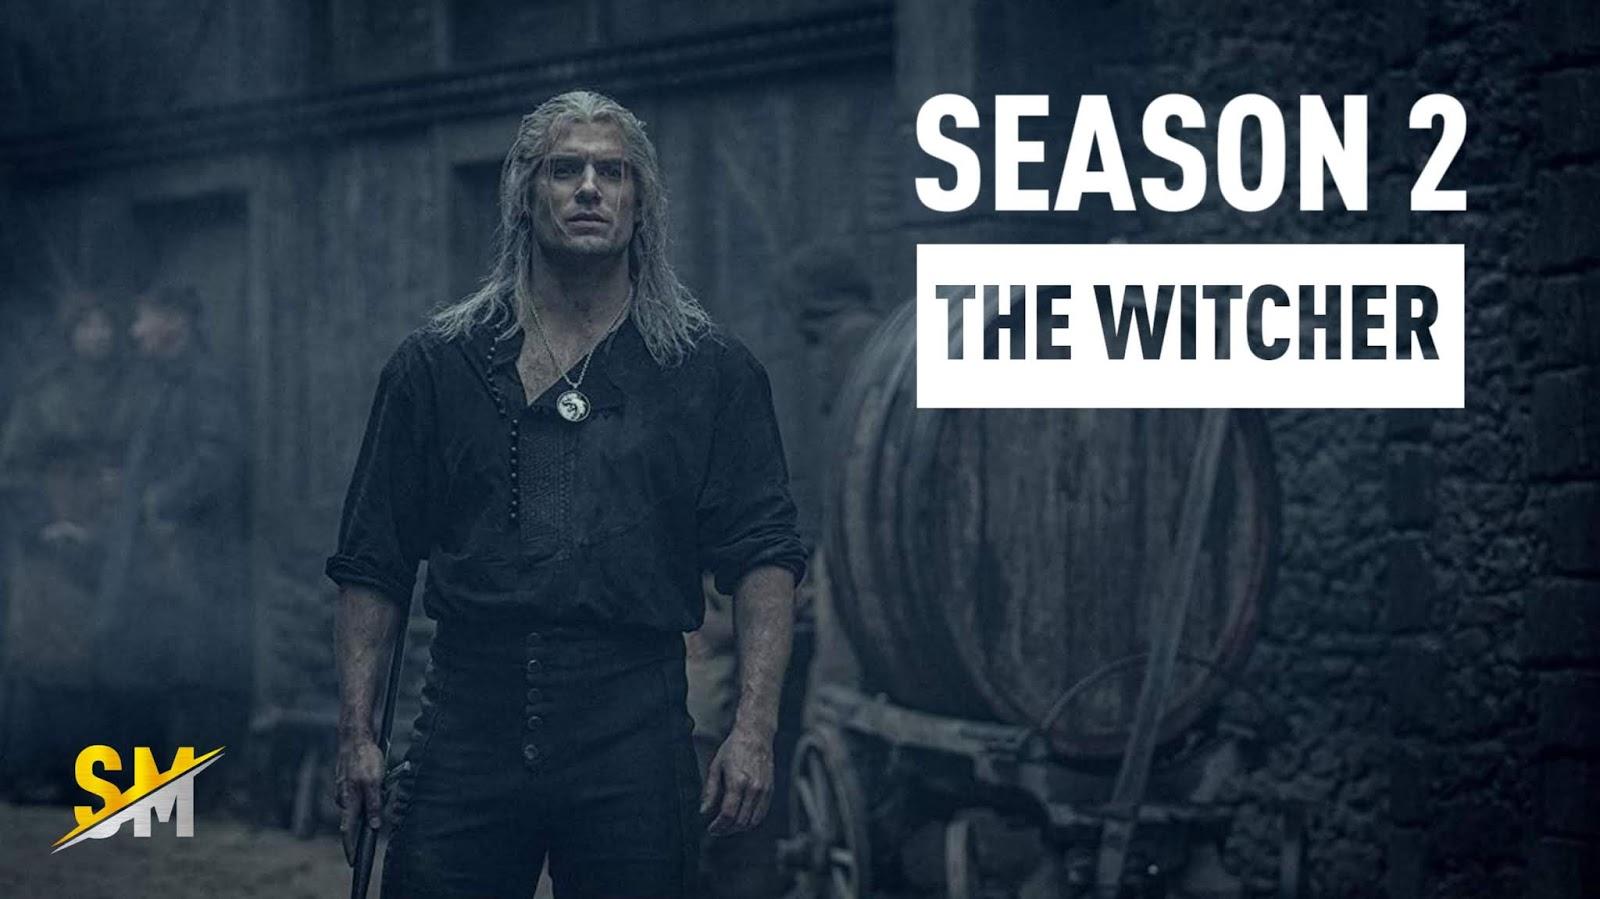 مسلسل ذا ويتشر سيعود بموسمه التاني على نتفليكس قريبا | the witcher